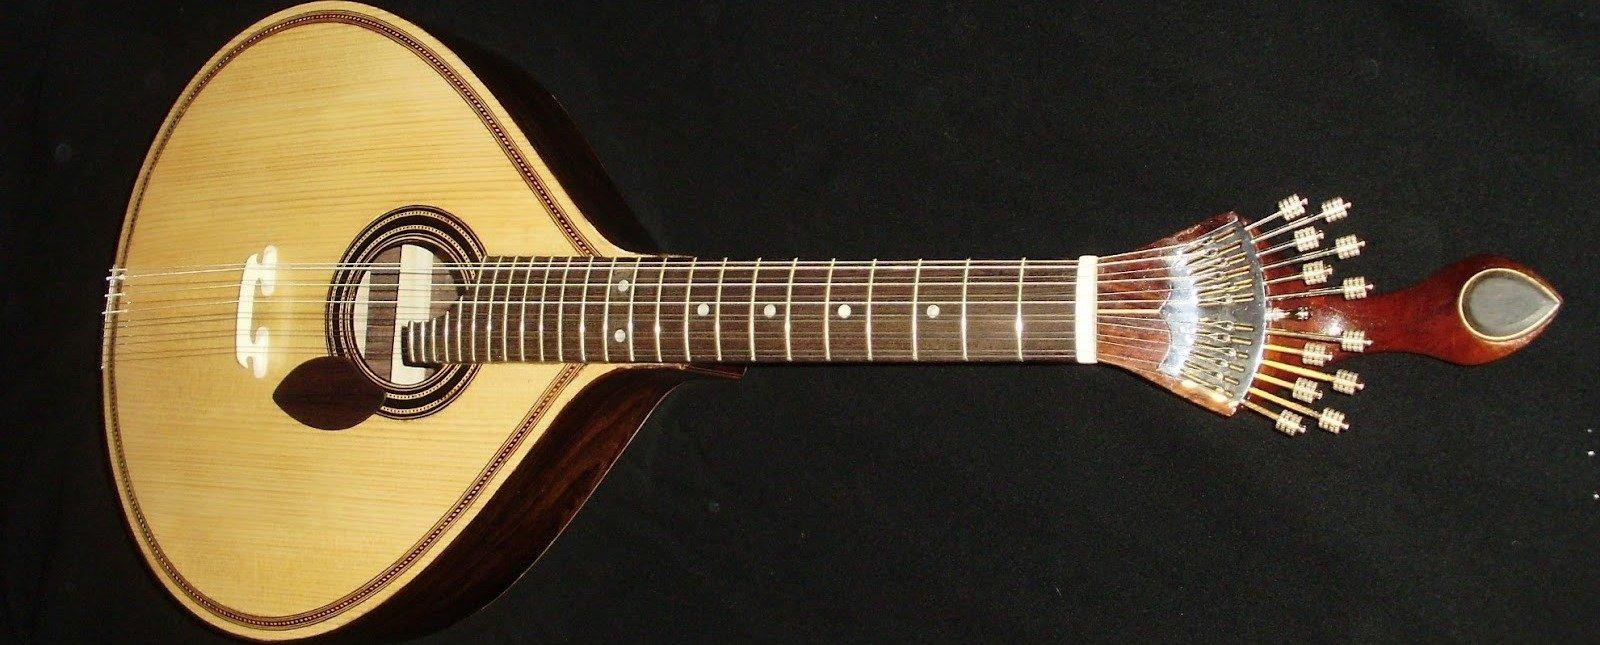 http://construcoesmestrebilu.blogspot.ru/2012/03/guitarra-portuguesa-de-coimbra-prima.html